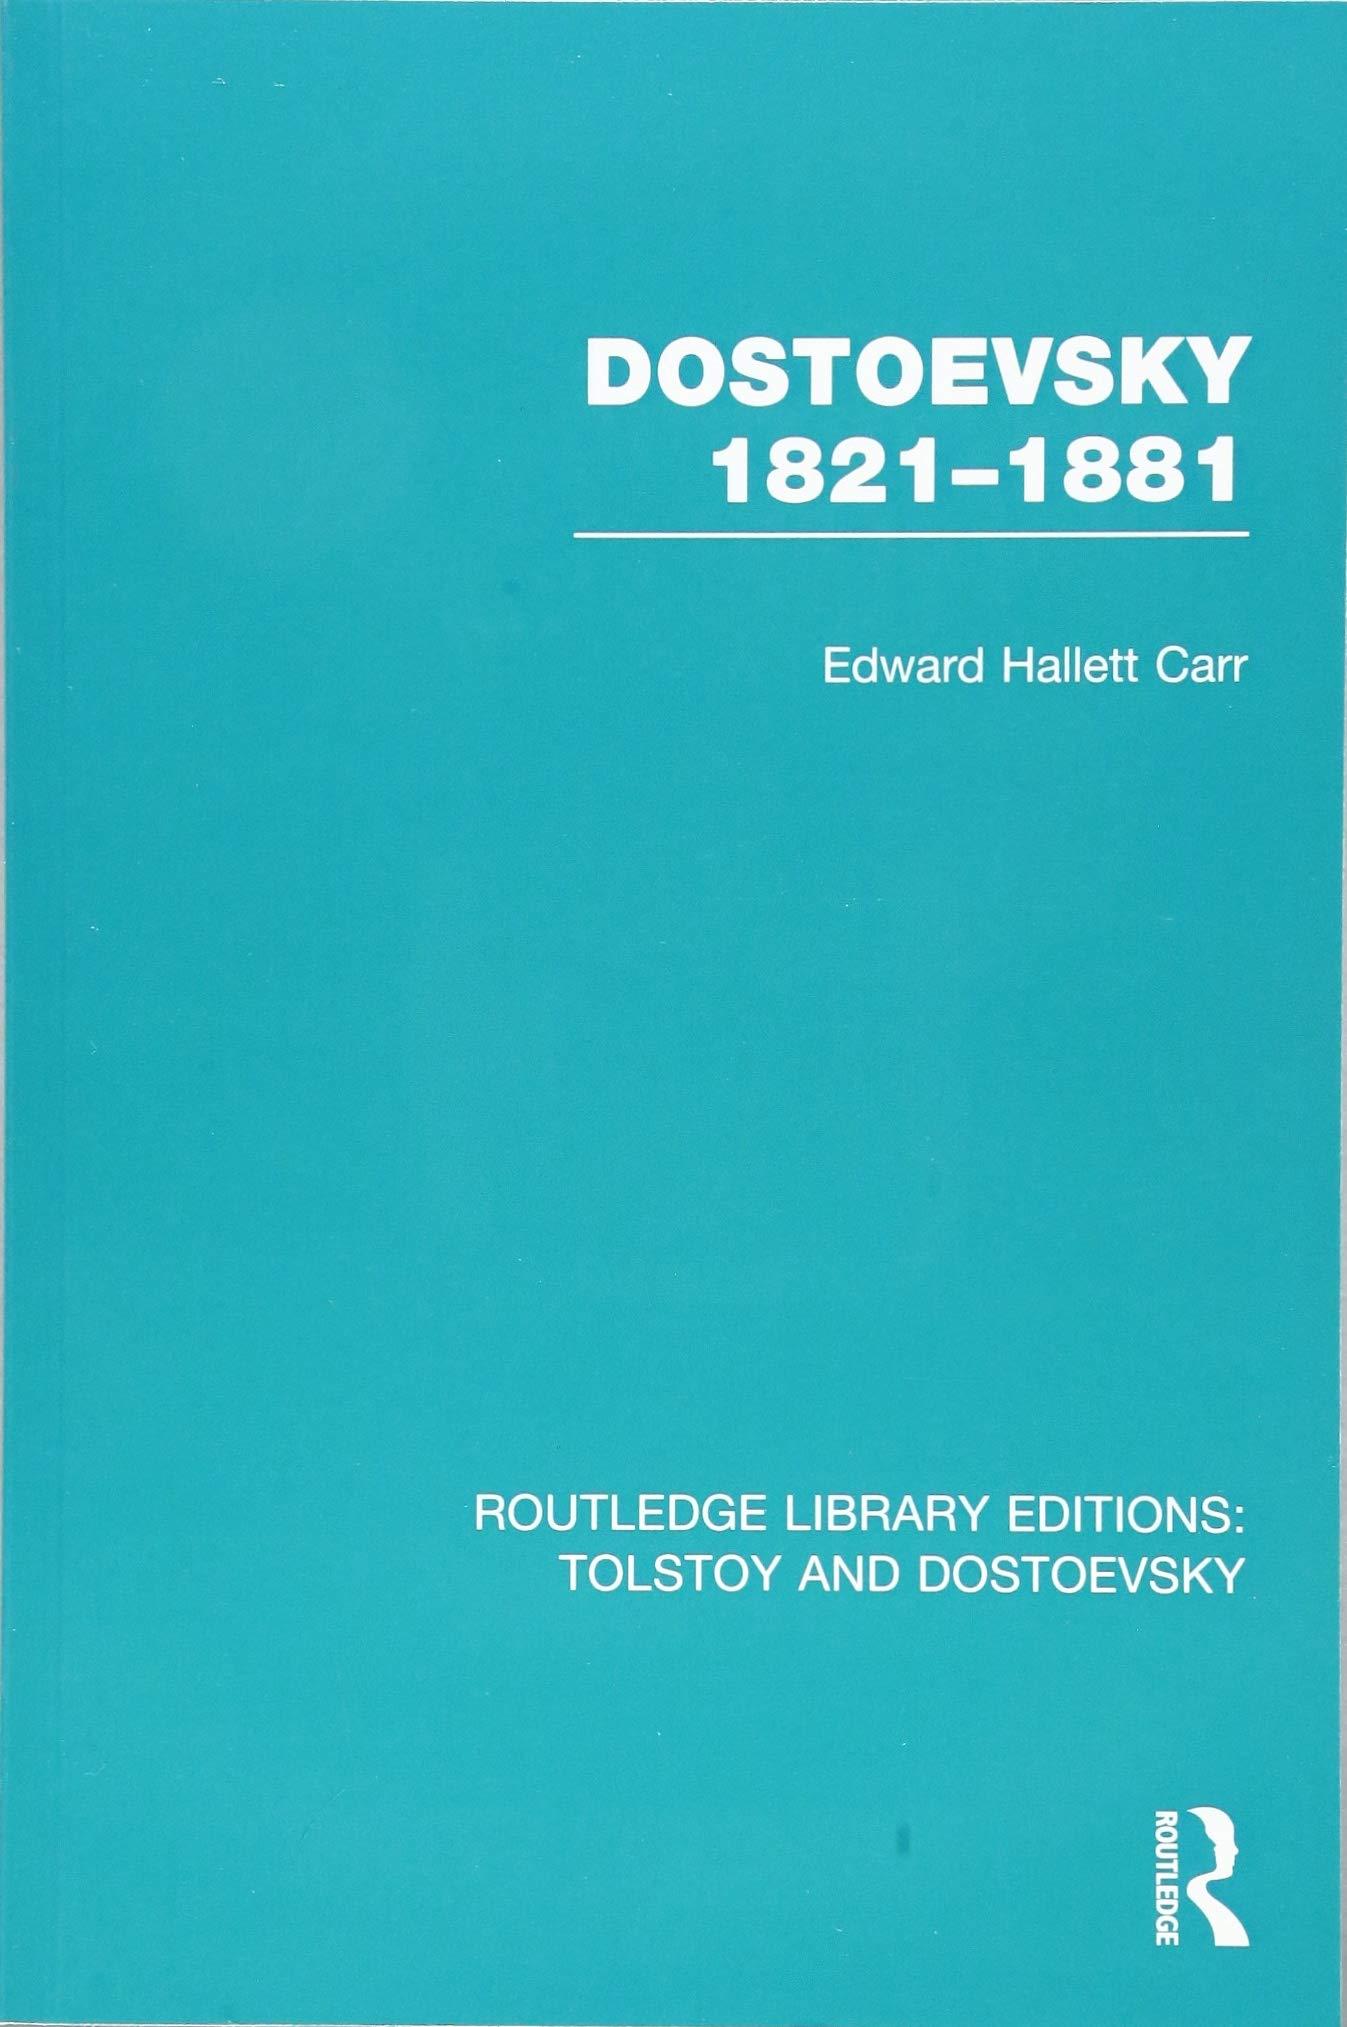 مقدمهی ای. اچ. کار: منابع اصلی در نگارش زندگینامهی داستایفسکی